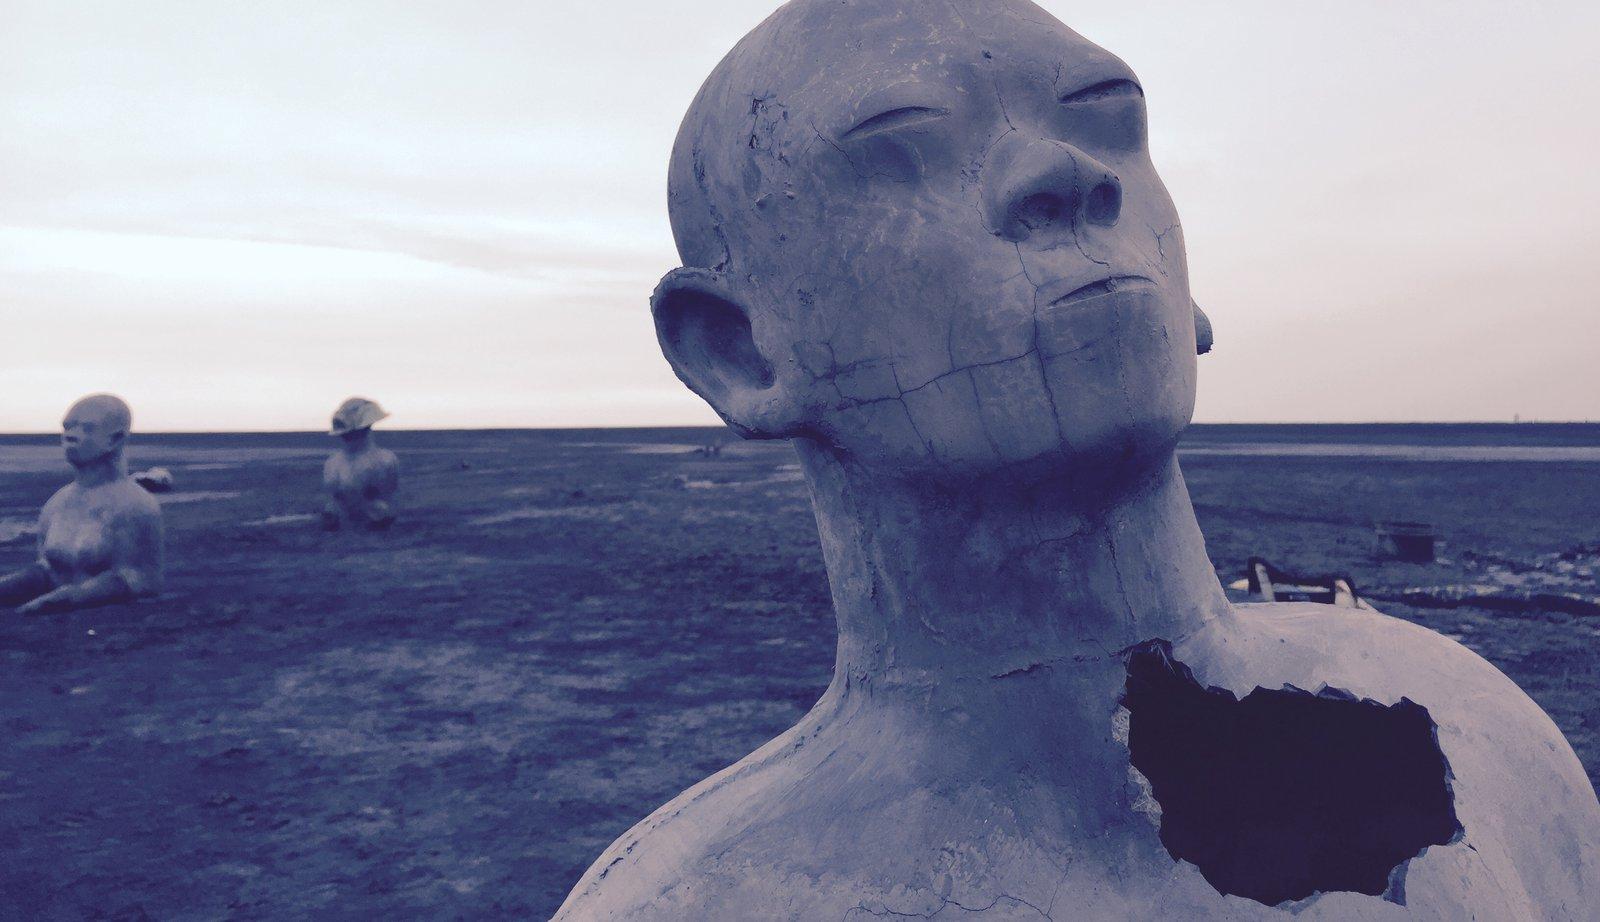 GRIT_Statue_1_Jan_2016.jpg